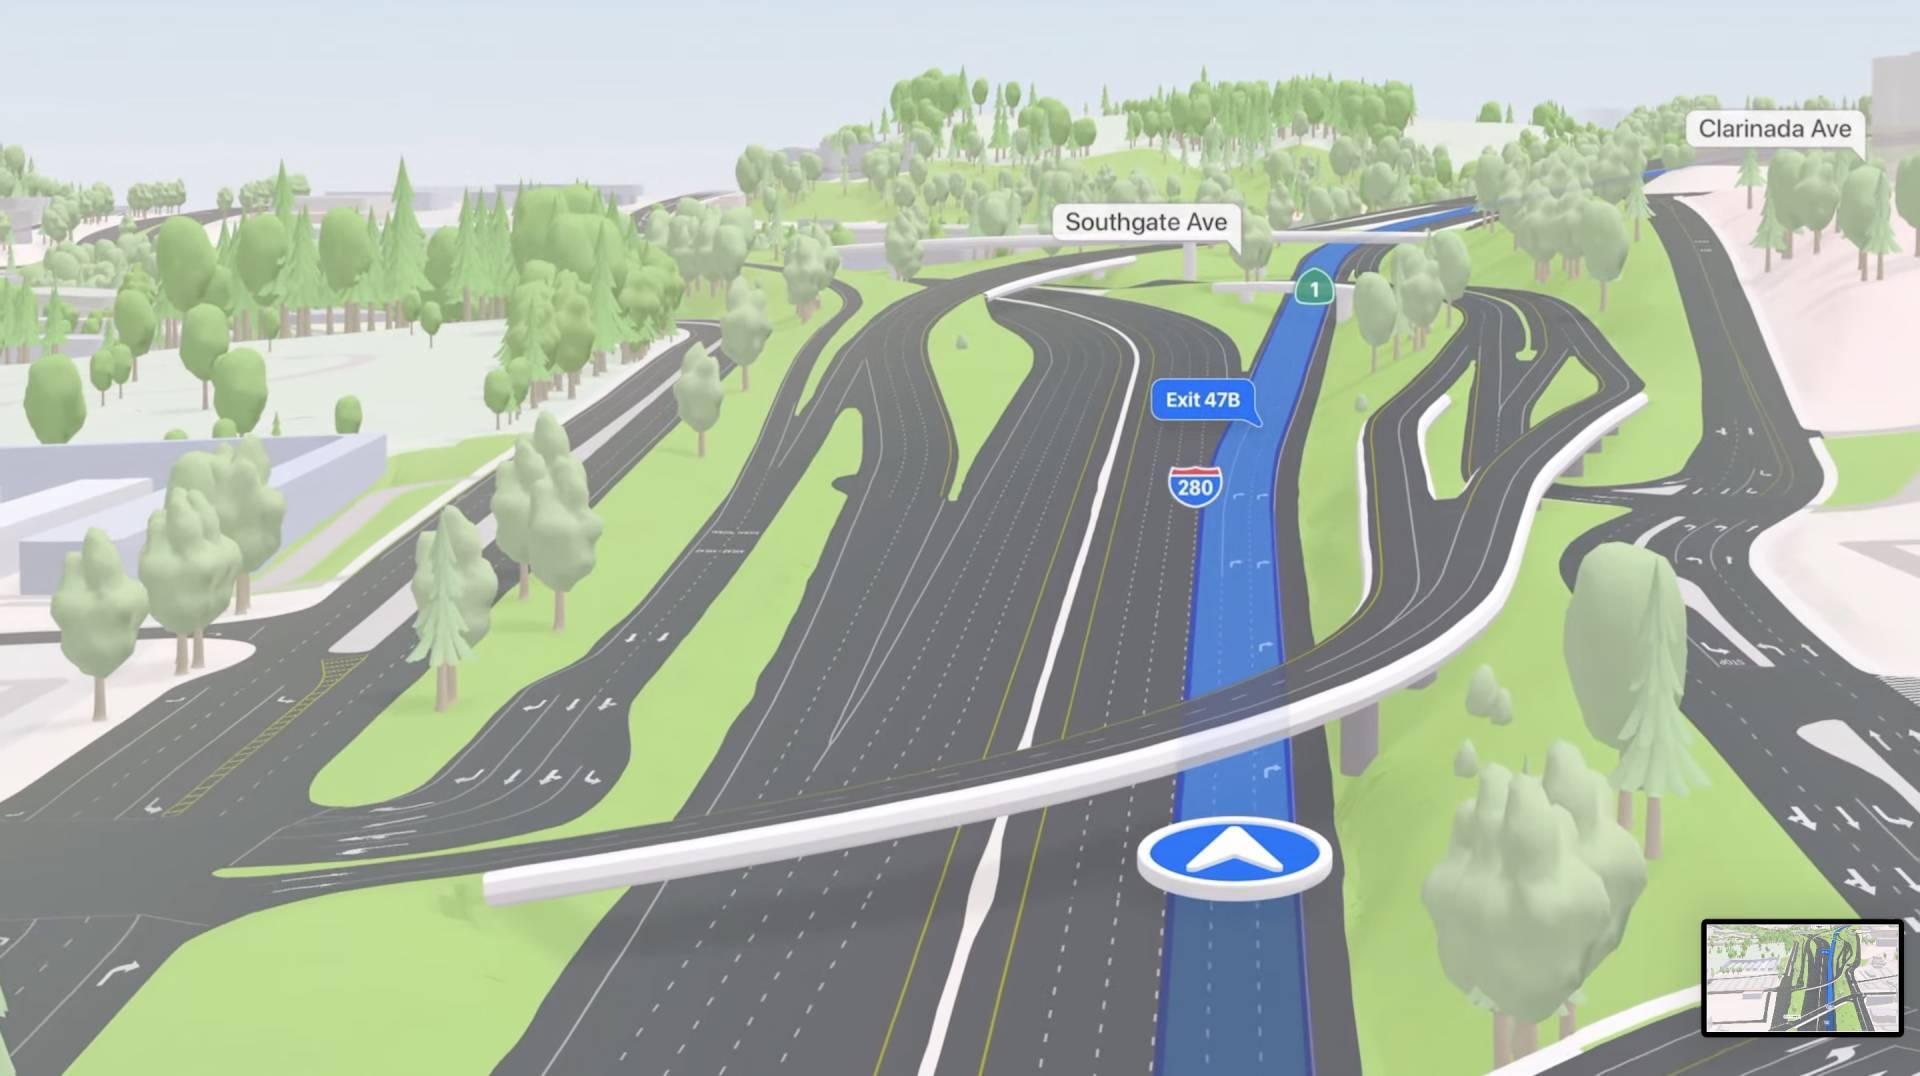 Novinky v Apple Maps - 3D mosty a križovatky pre lepšiu predstavu o trase - WWDC 2021